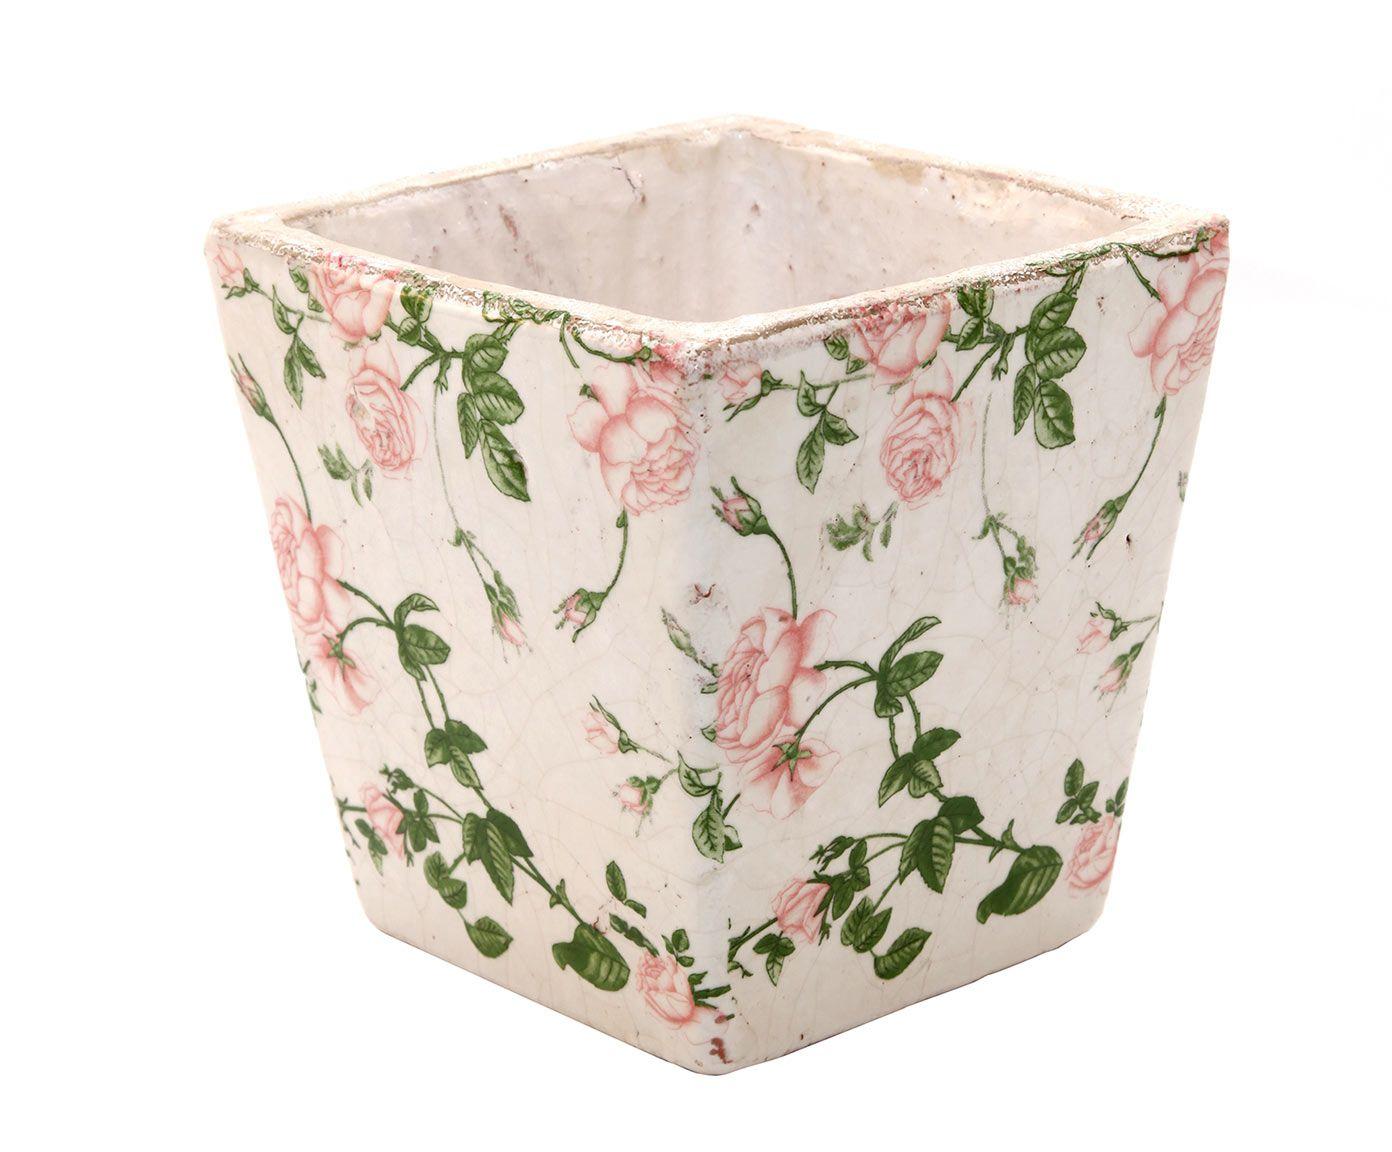 Macetero cuadrado en cerámica craquelada, blanco y rosa – pequeño   Westwing Home & Living